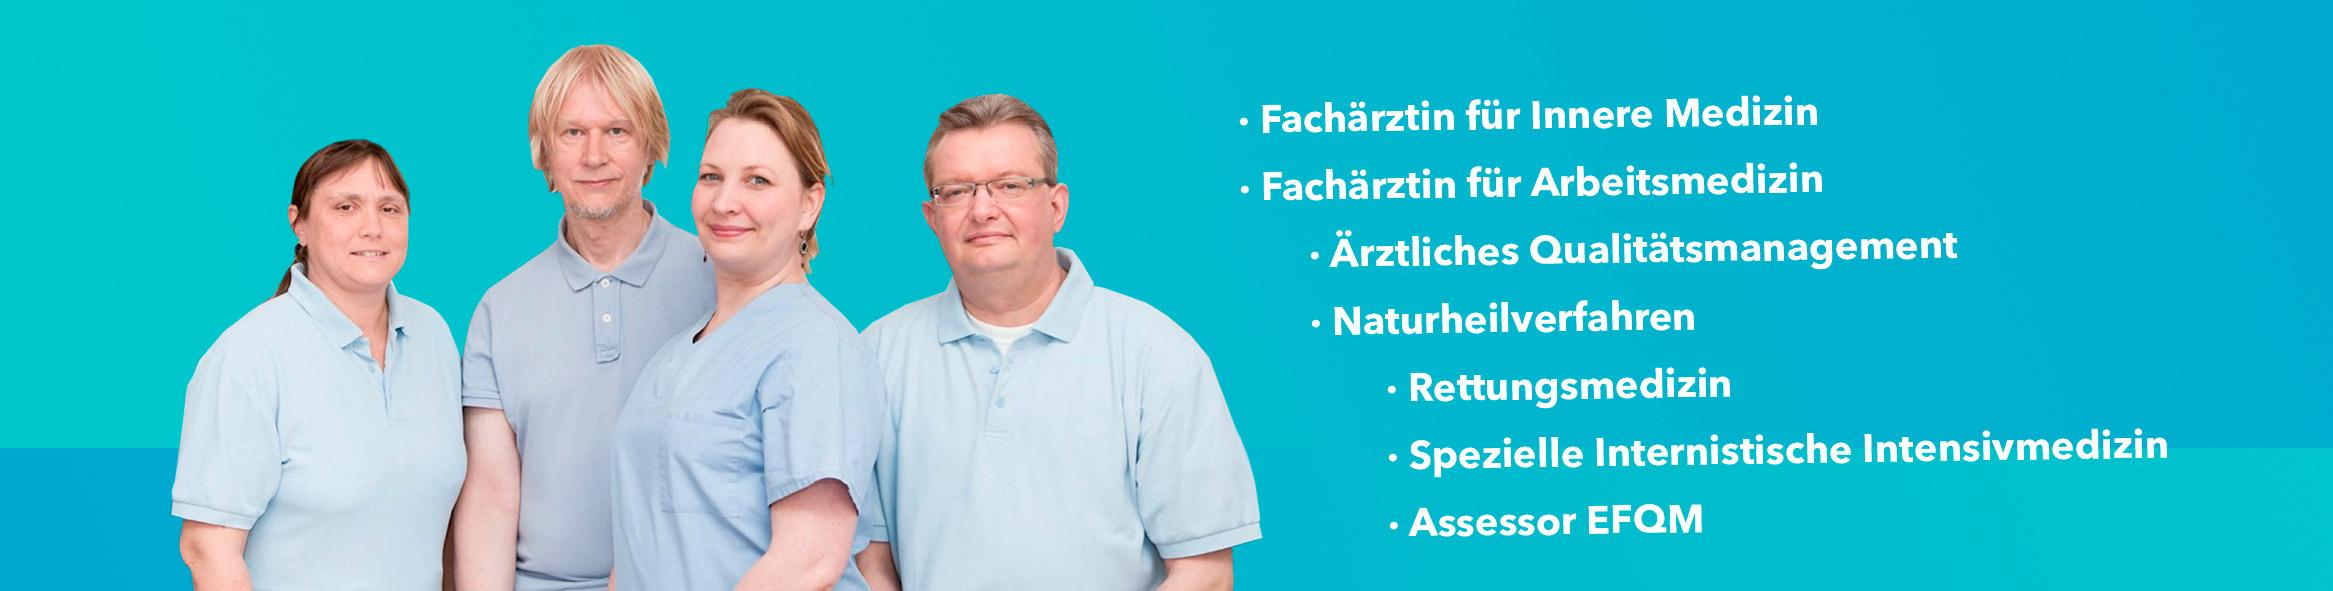 Rettungsmedizin, Spezielle Internistische Intensivmedizin, Assessor EFQM